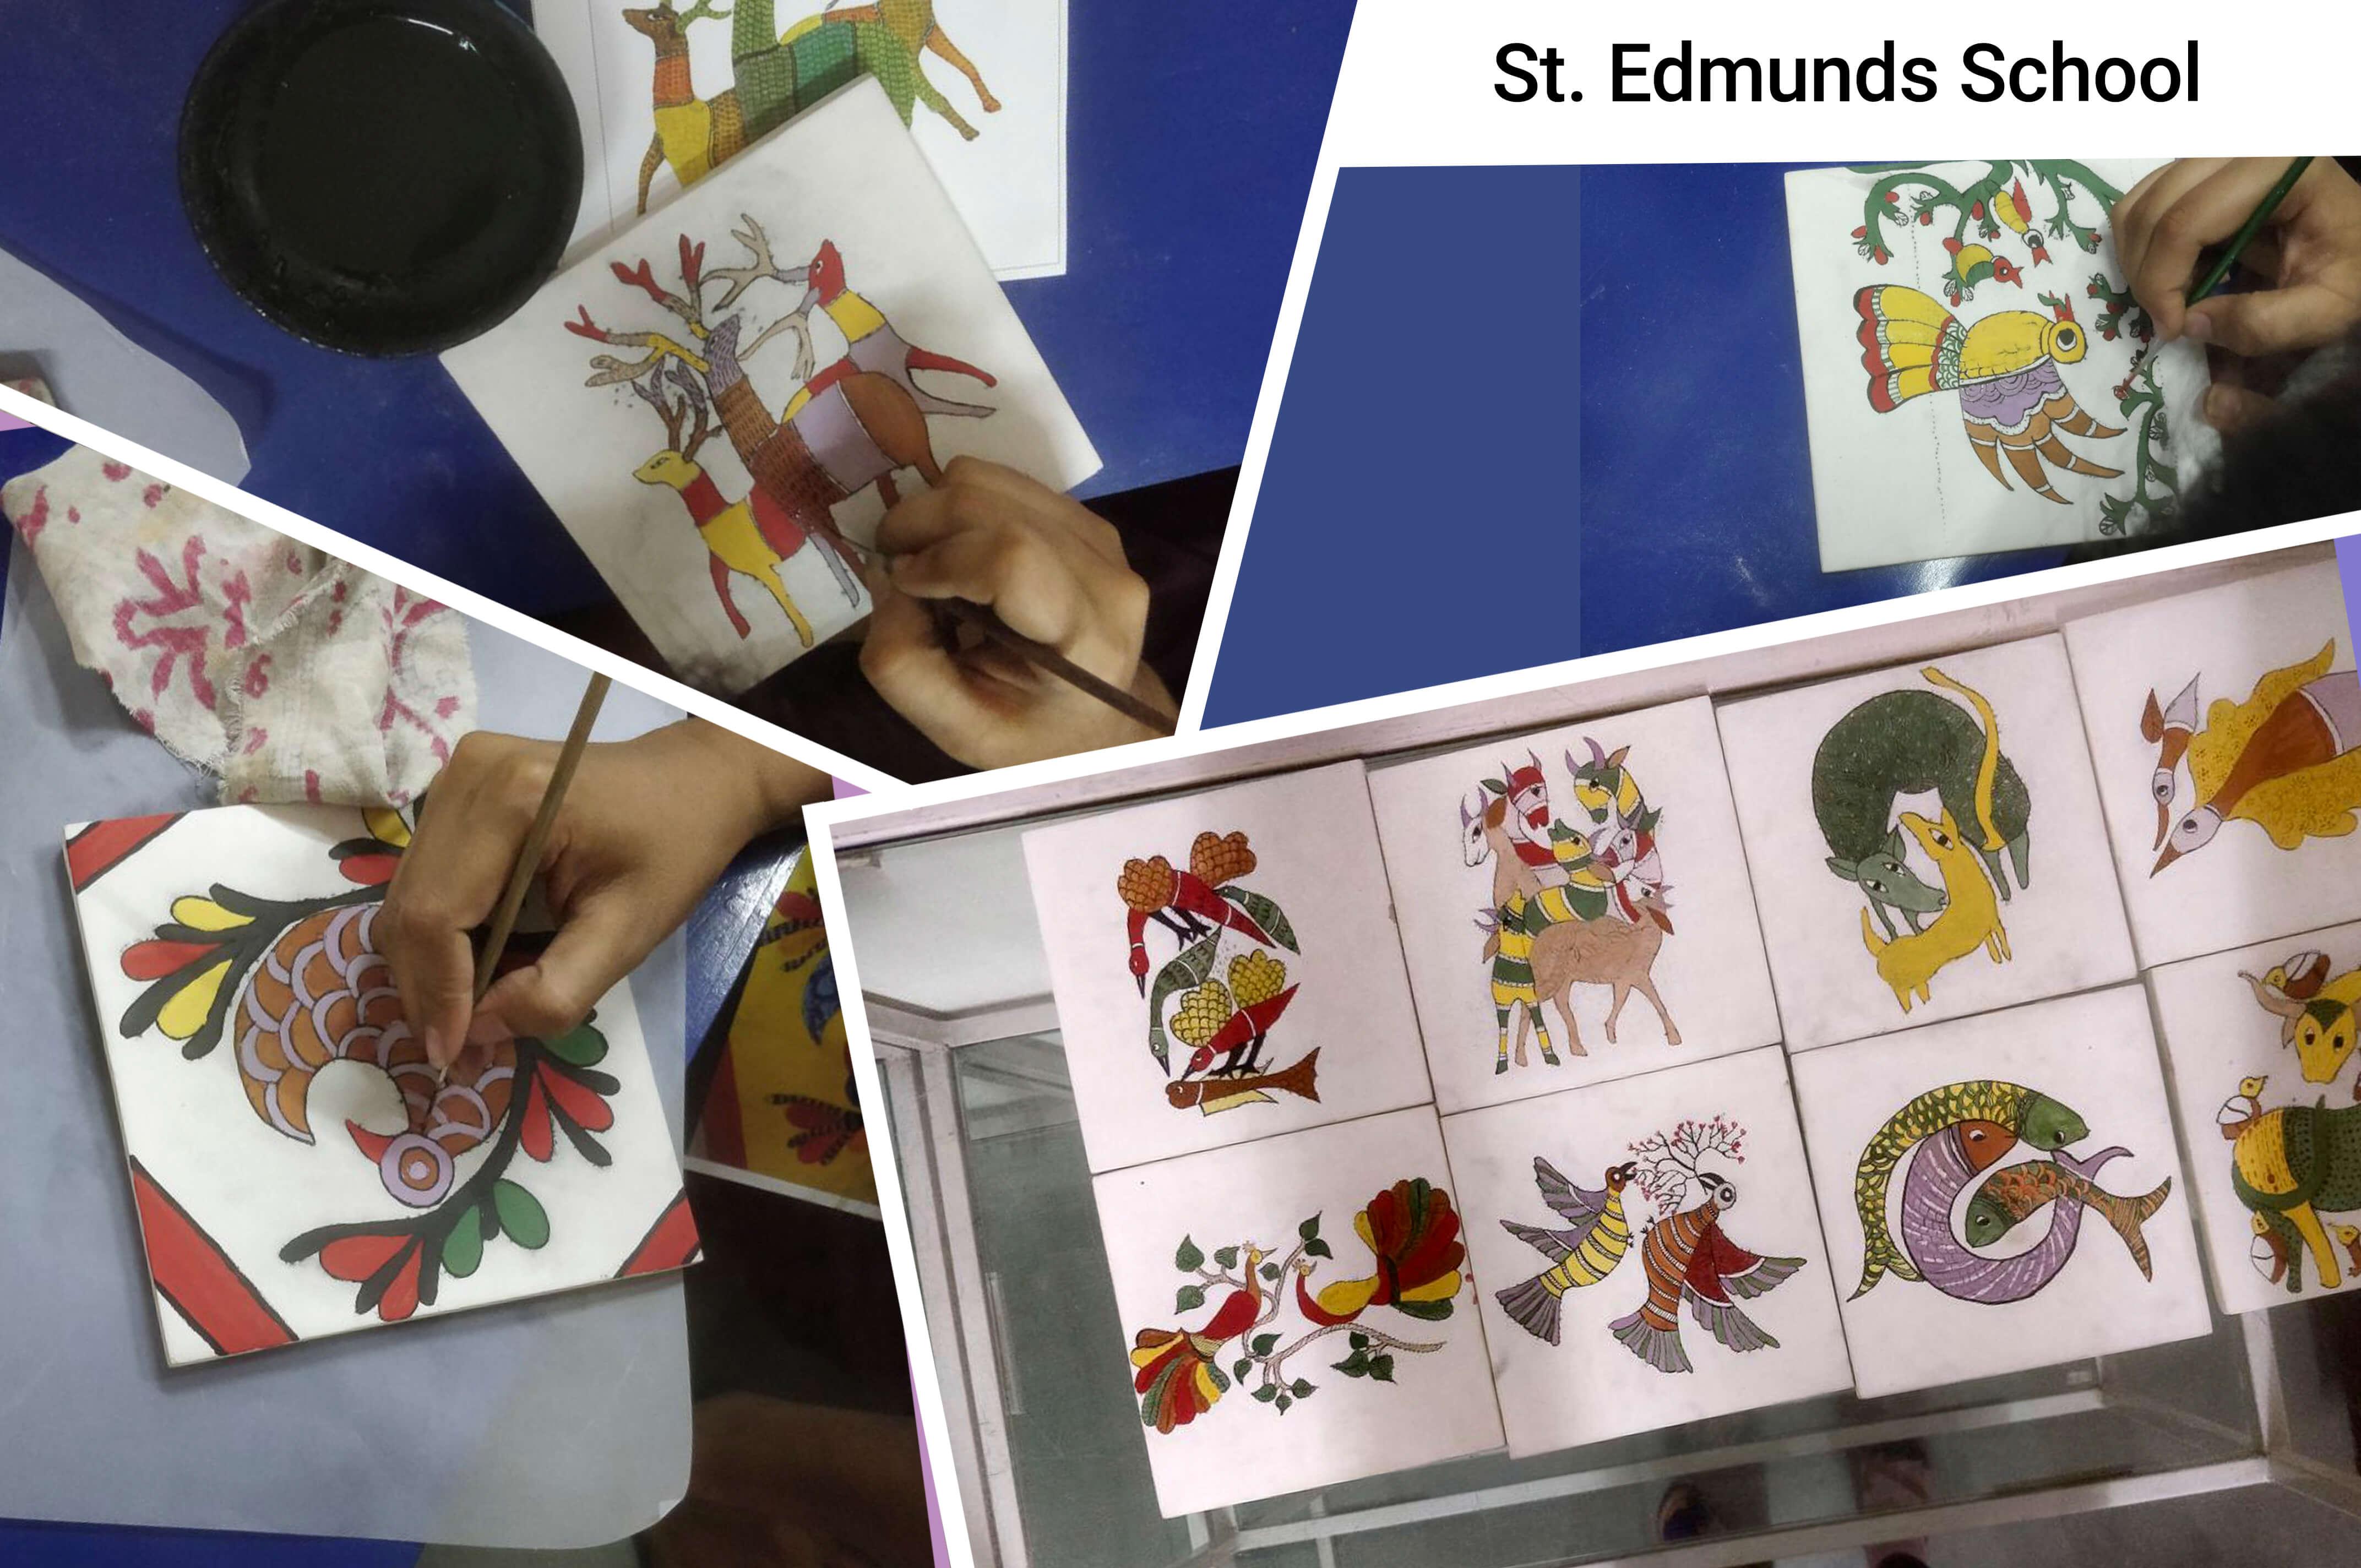 Saint Edmunds School